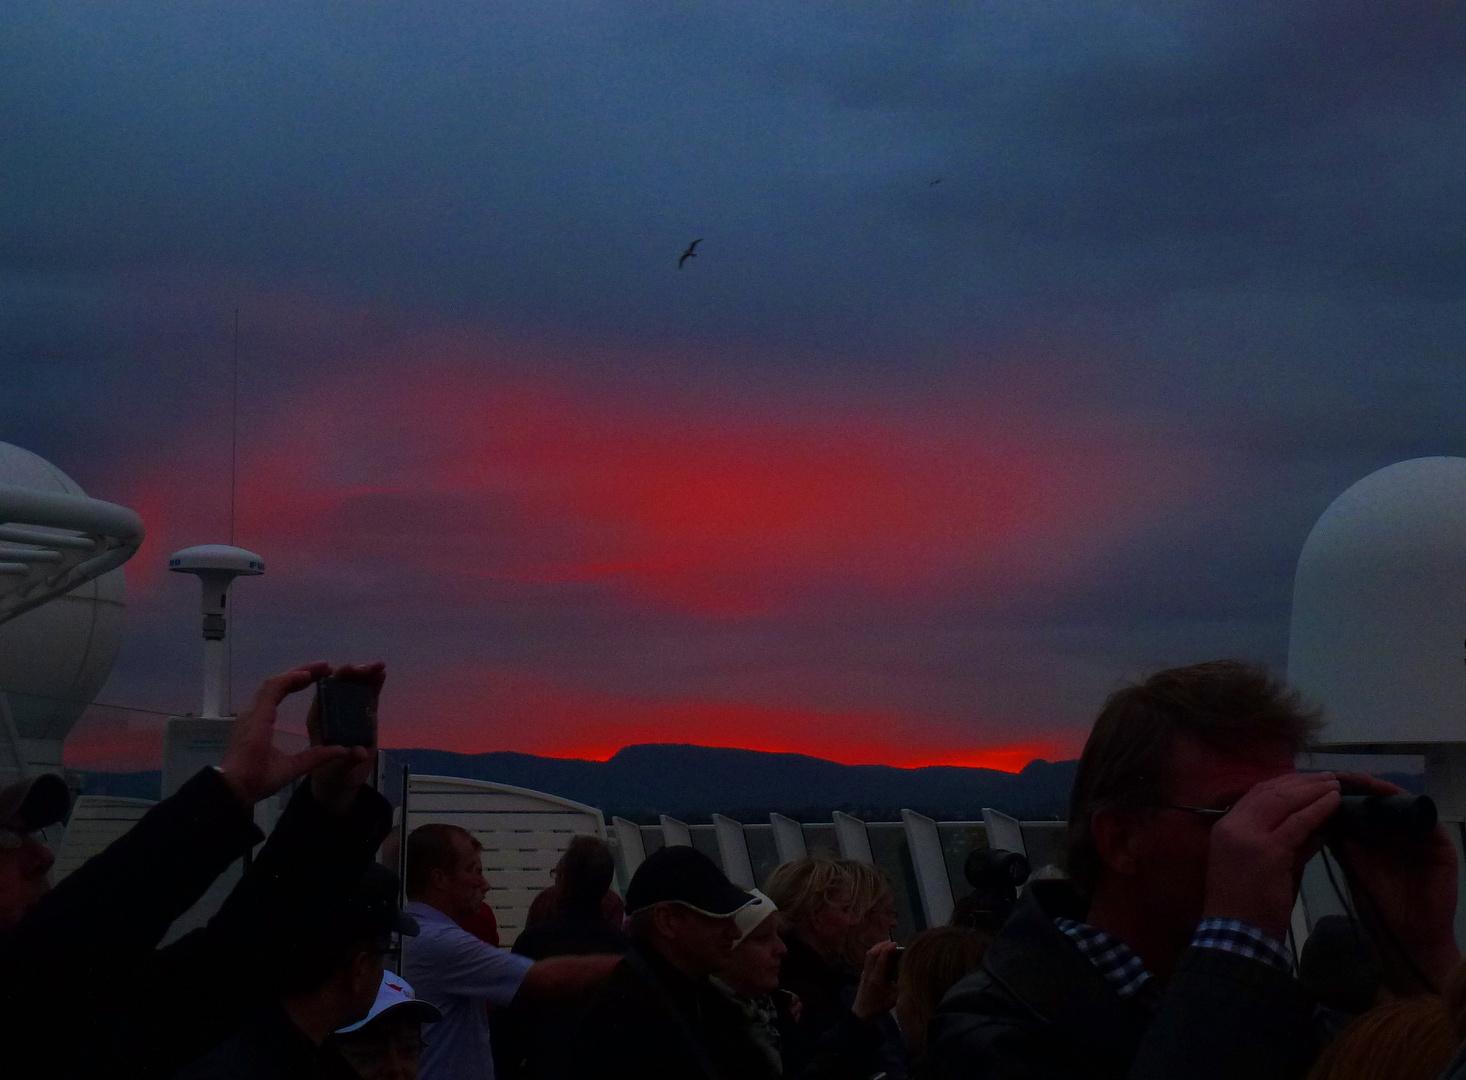 Sonnenuntergangshimmel beim Einlaufen in Oslo